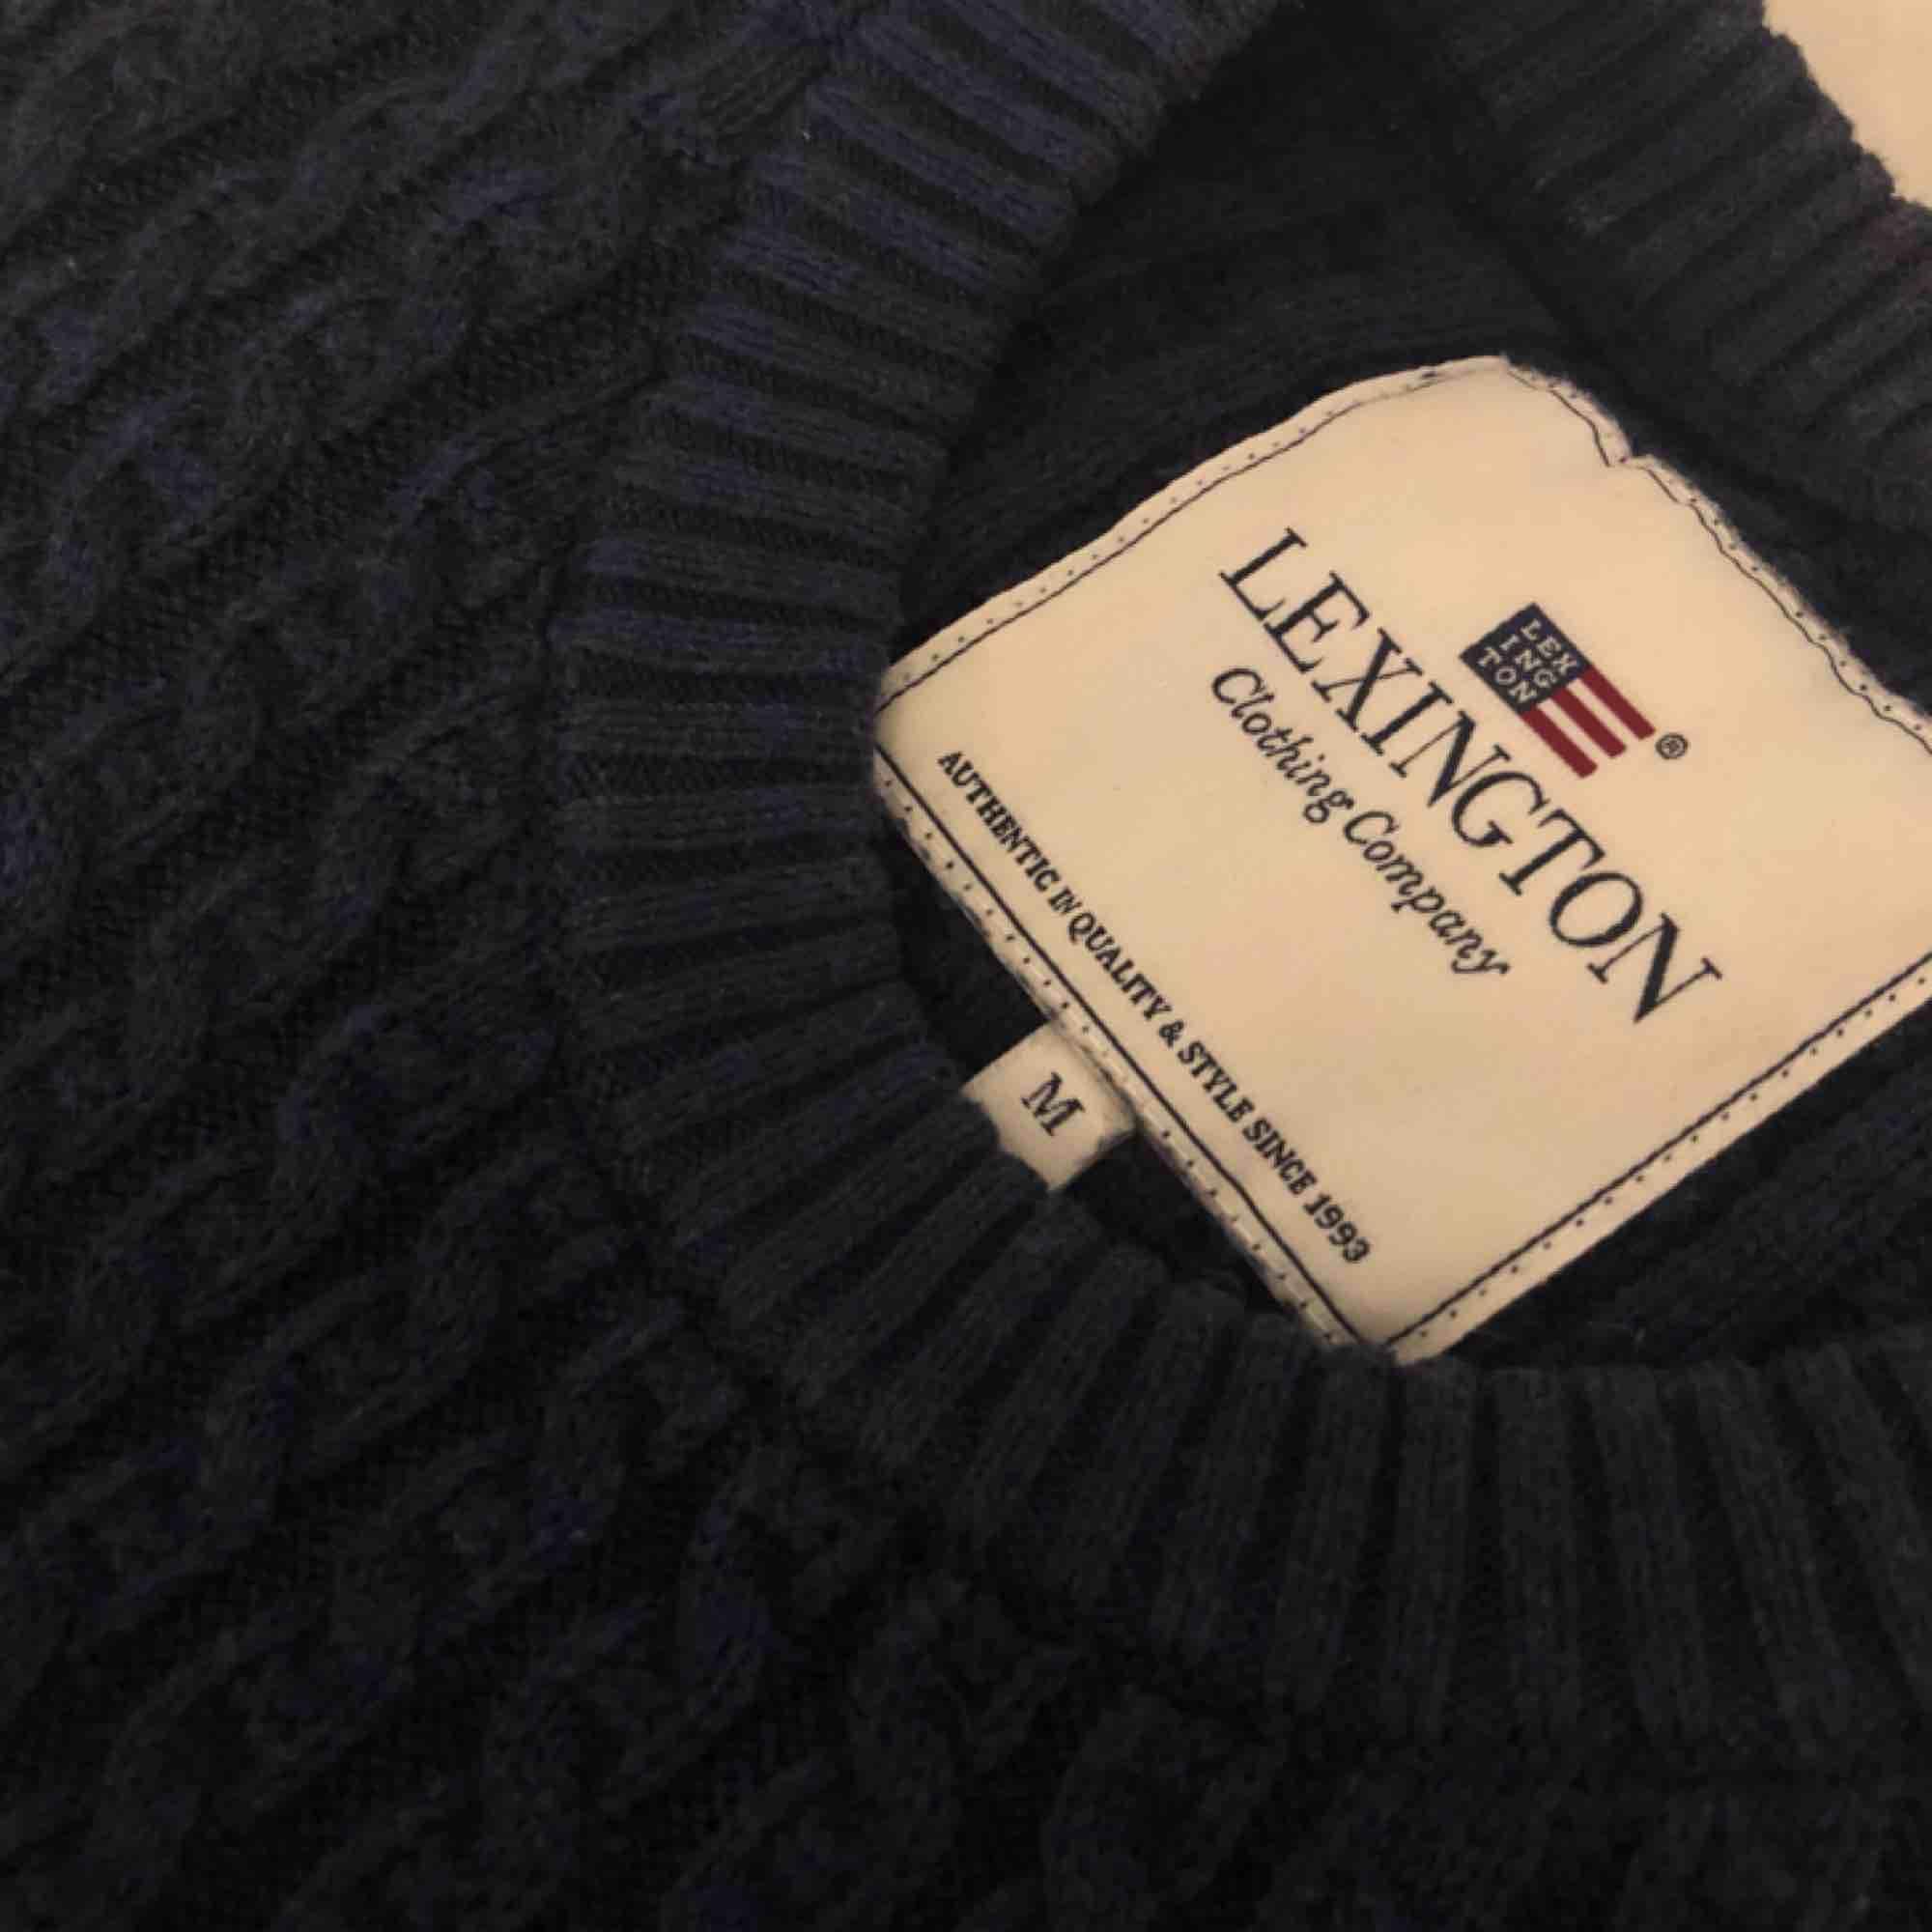 Marinblå tröja från Lexington i storlek dam M. Fint men använt skick. Sälj för 150kr, frakt ingår och kan även mötas i Uppsala. . Tröjor & Koftor.